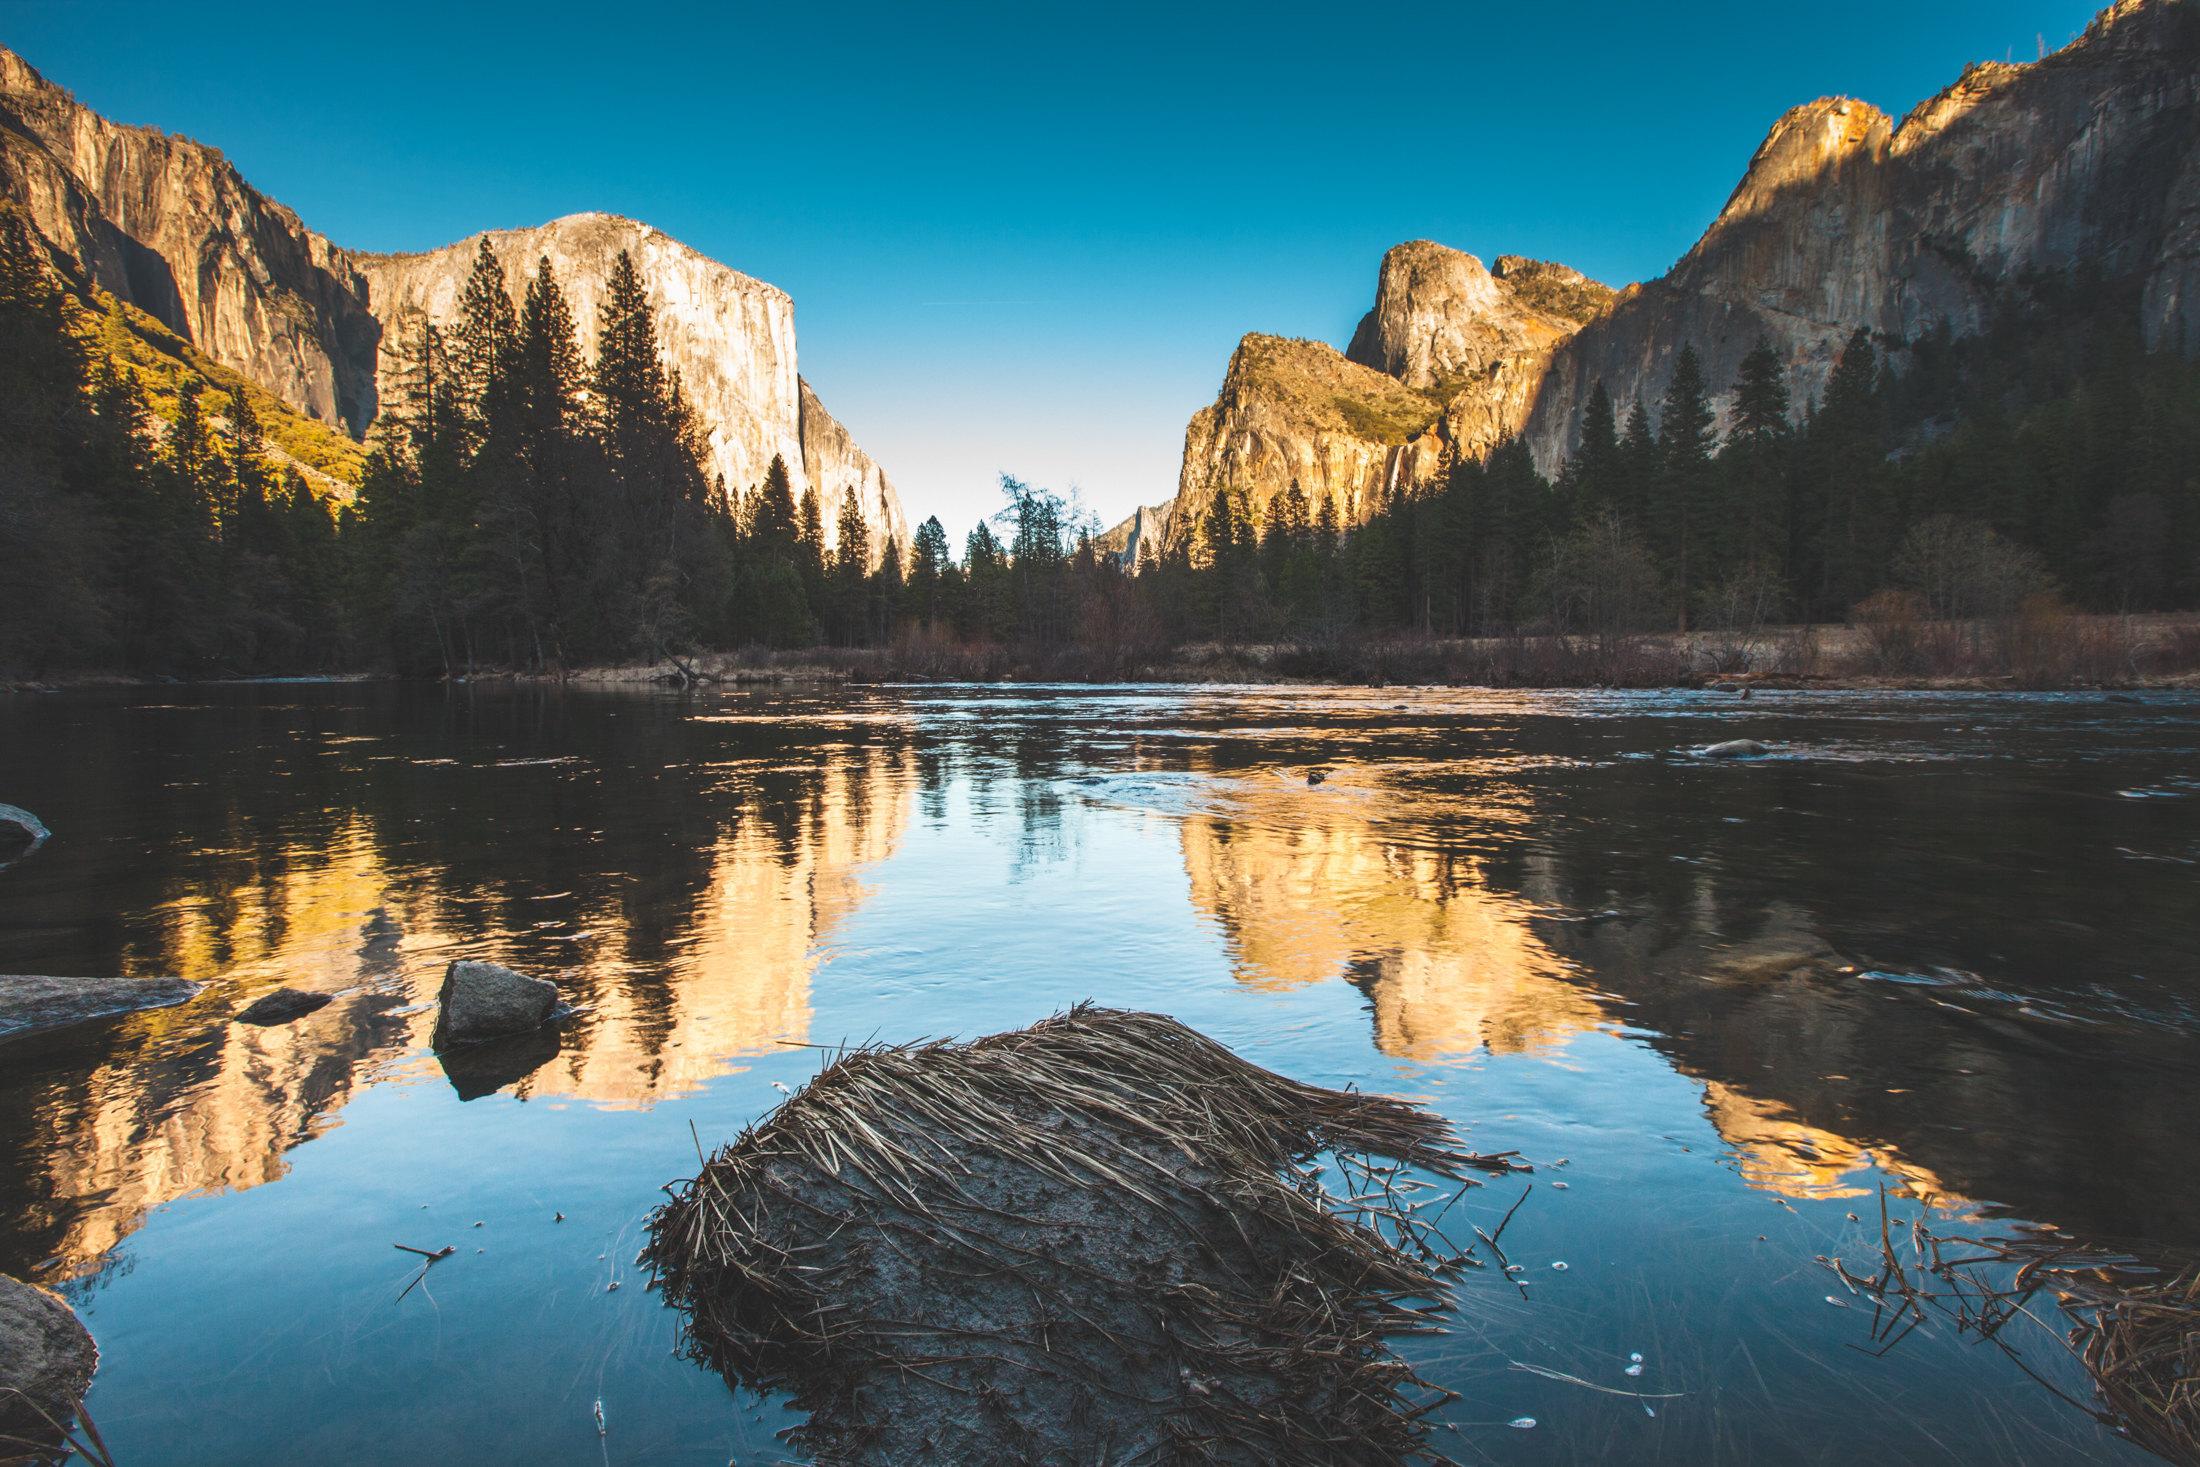 美国蒙特雷+17里湾+洛杉矶市+拉斯维加斯+弗雷斯诺+优胜美地国家公园及周边地区+旧金山11日9晚自由行·1号公路深度自然风景探索自驾之旅 圣何塞往返